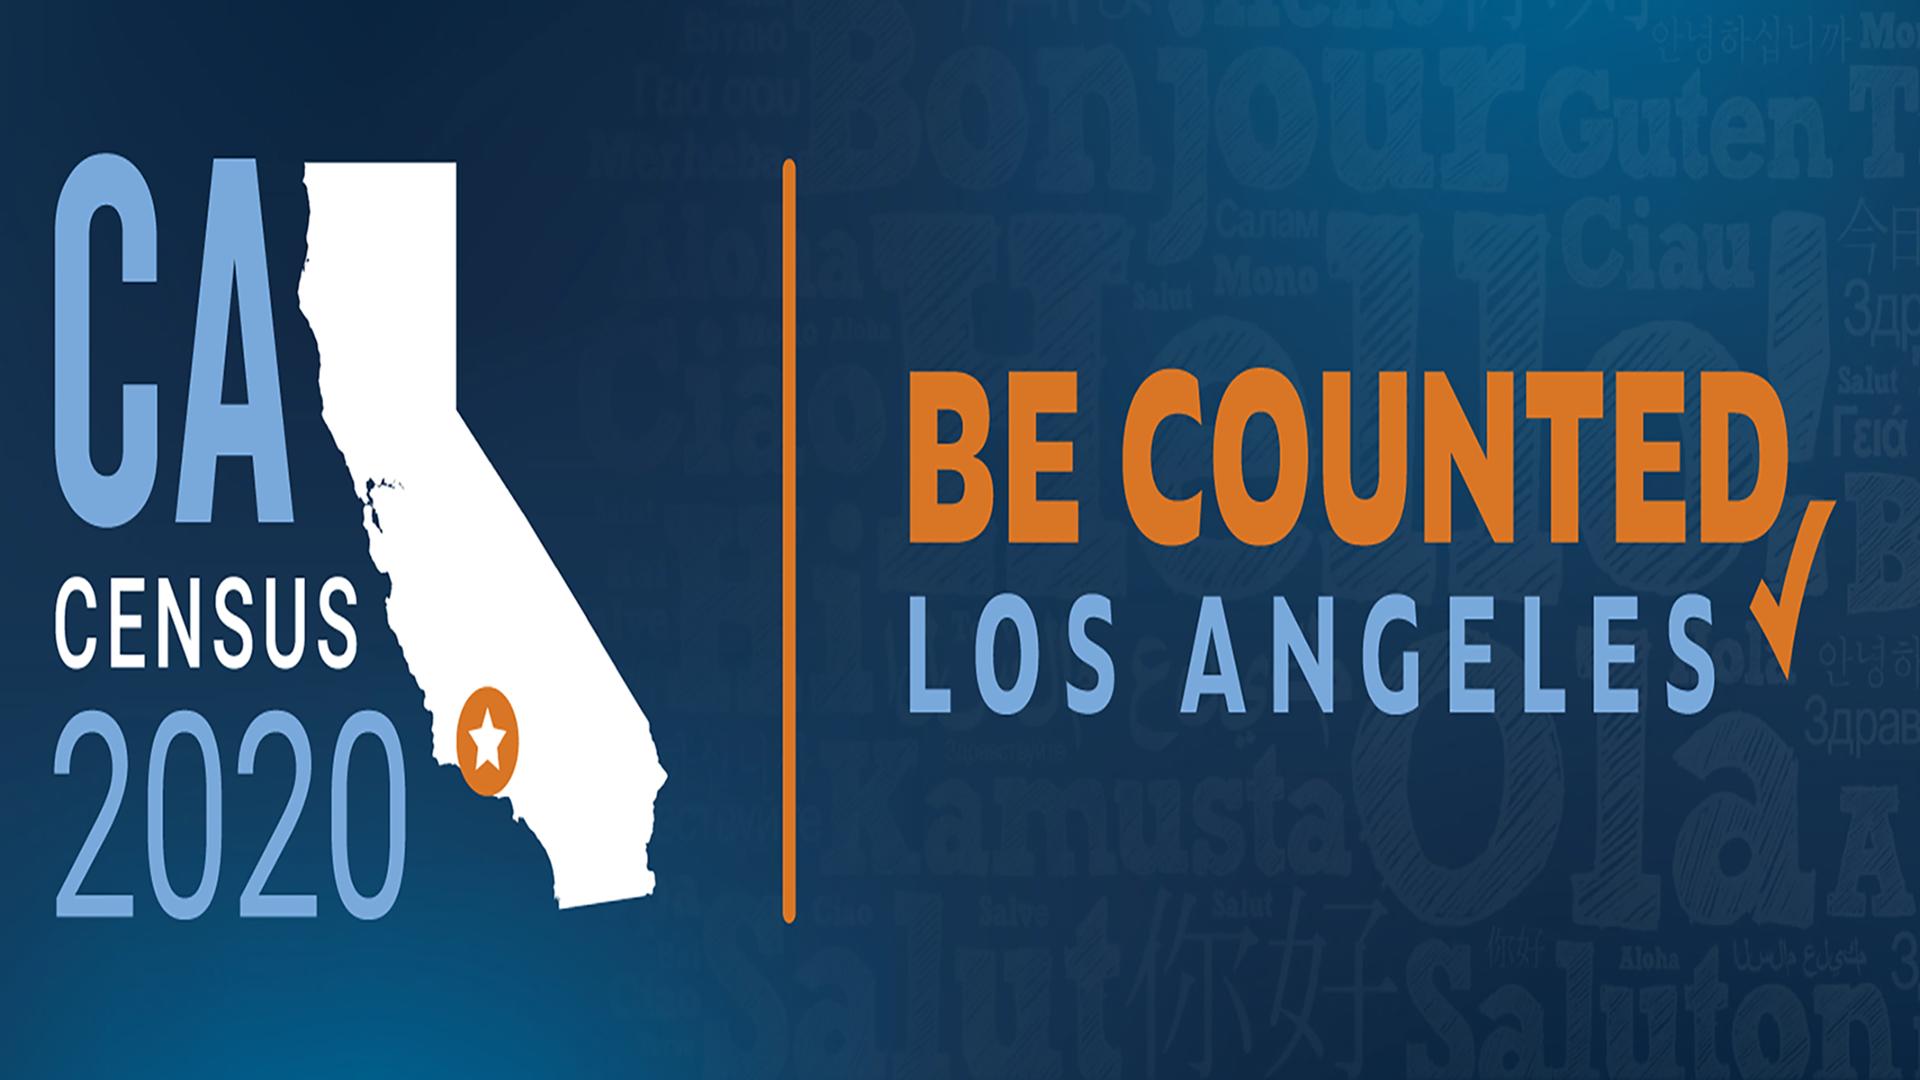 Logo Bản đồ California với nội dung Chương trình Điều tra Dân số Năm 2020 được thống kê trên toàn Thành phố Los Angeles.